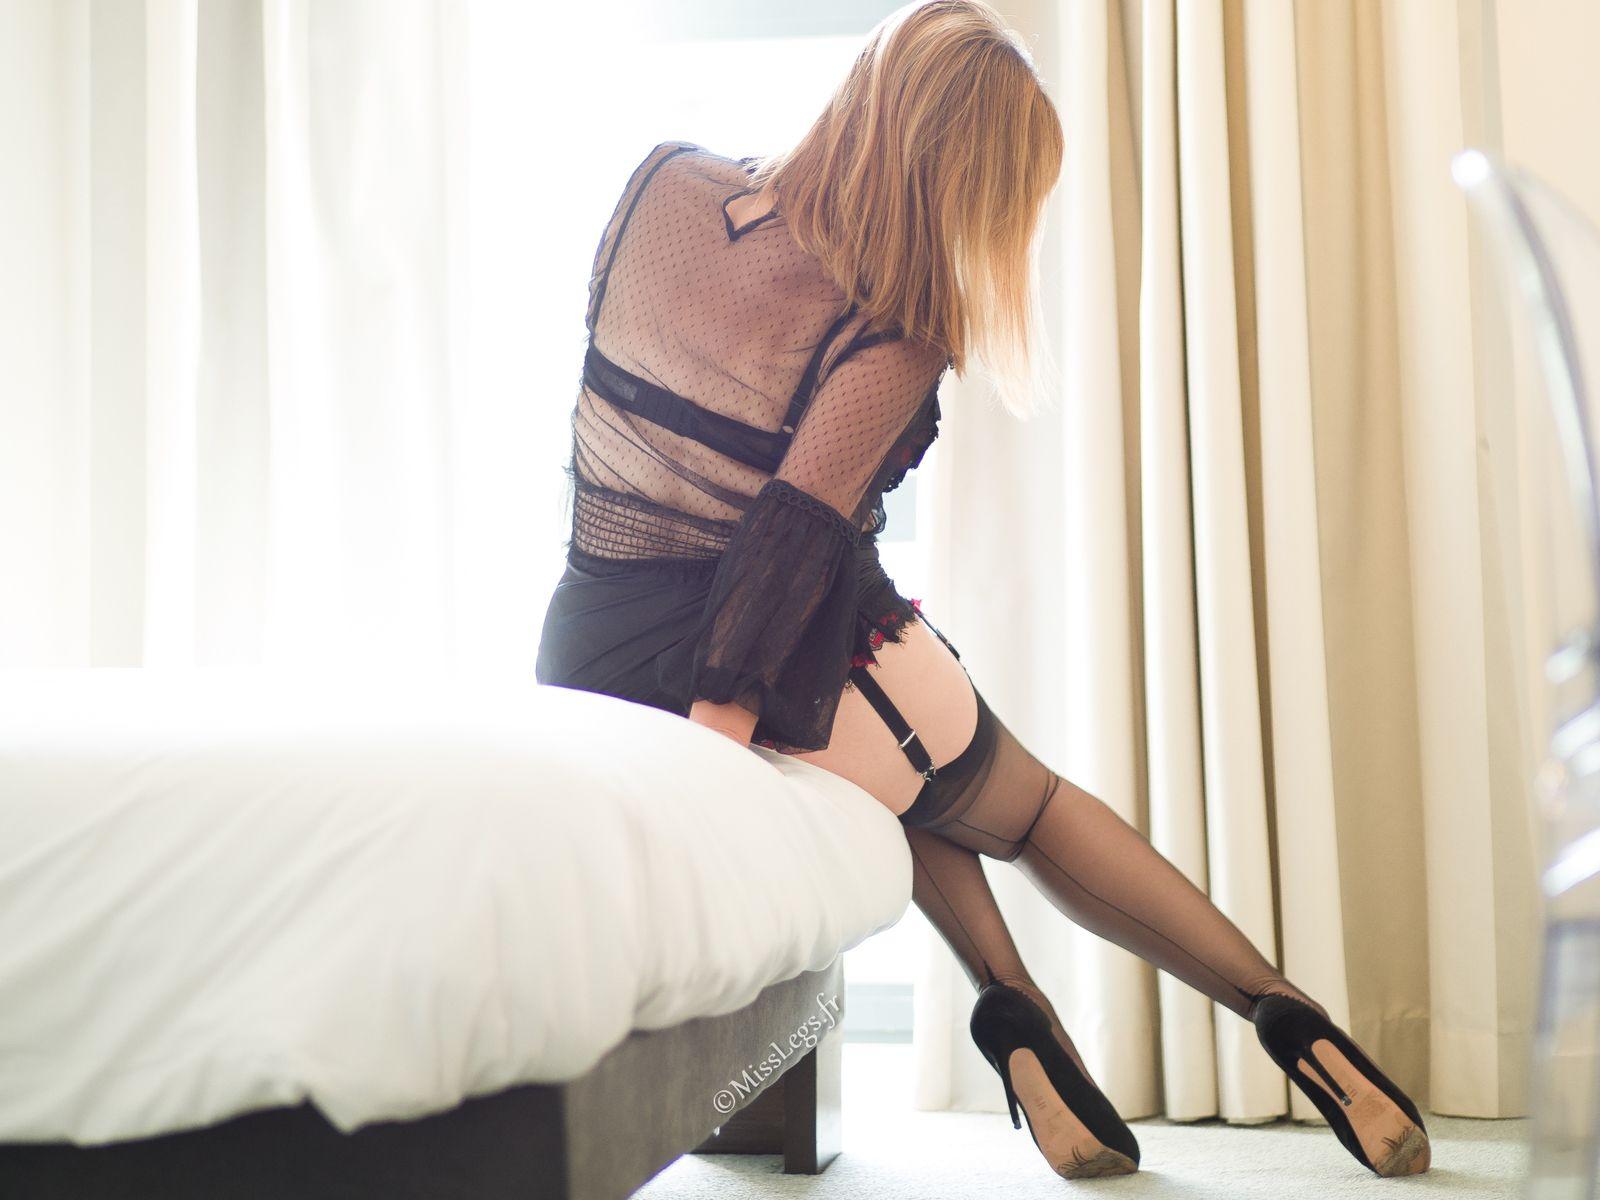 http://www.misslegs.fr/ - https://www.instagram.com/misslegs.fr/?hl=fr - https://ladamedefrance.com/